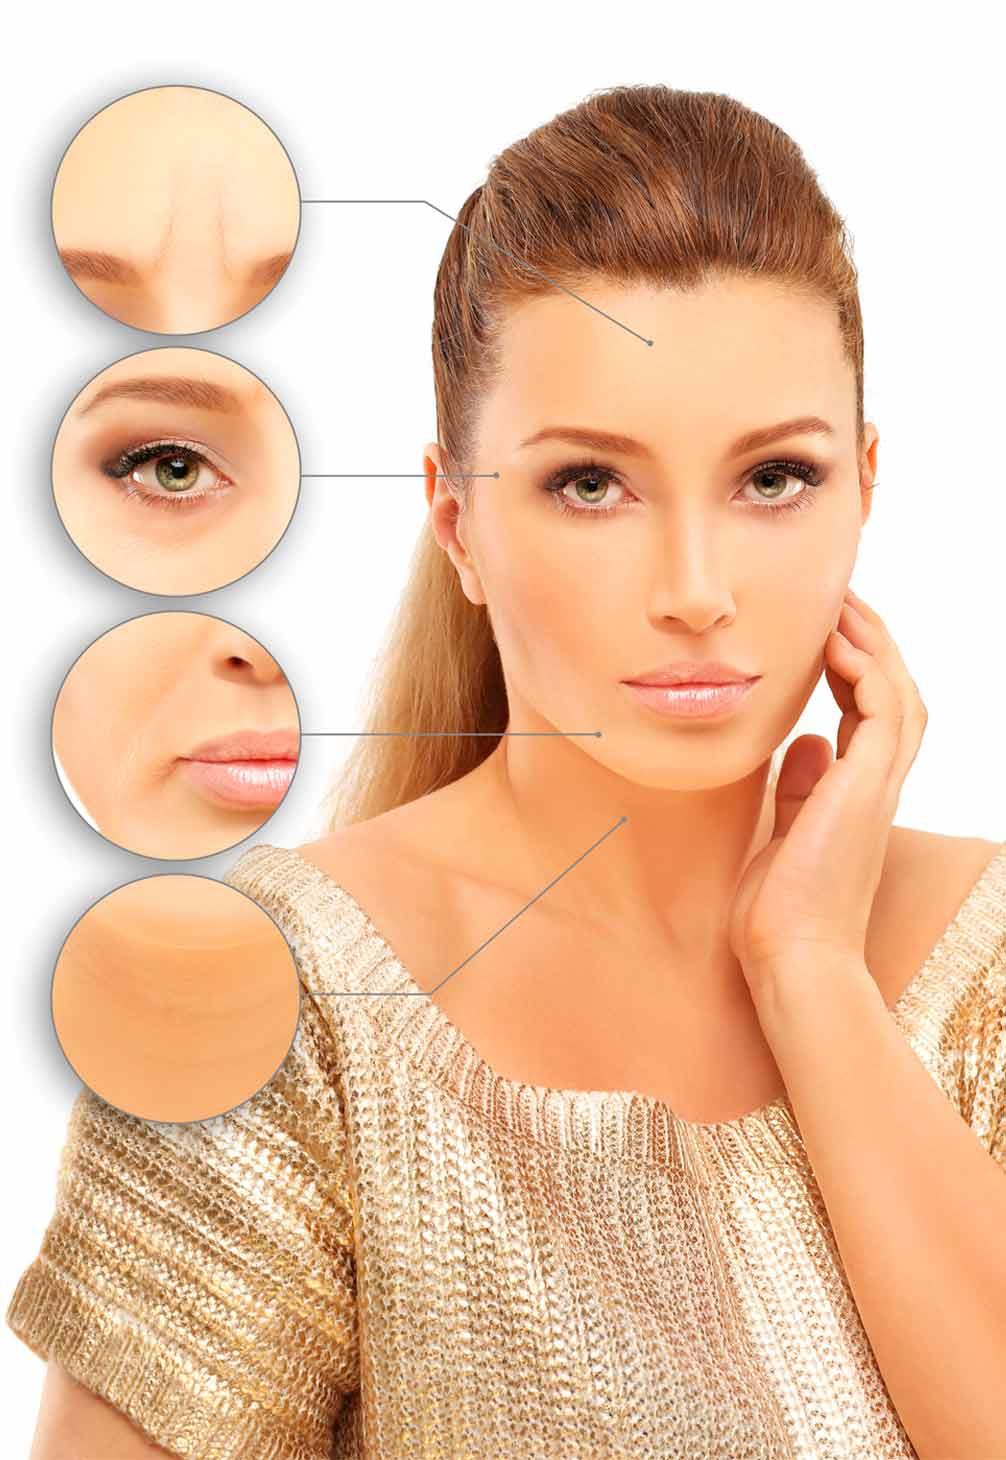 tratamentos estéticos corporais e faciais